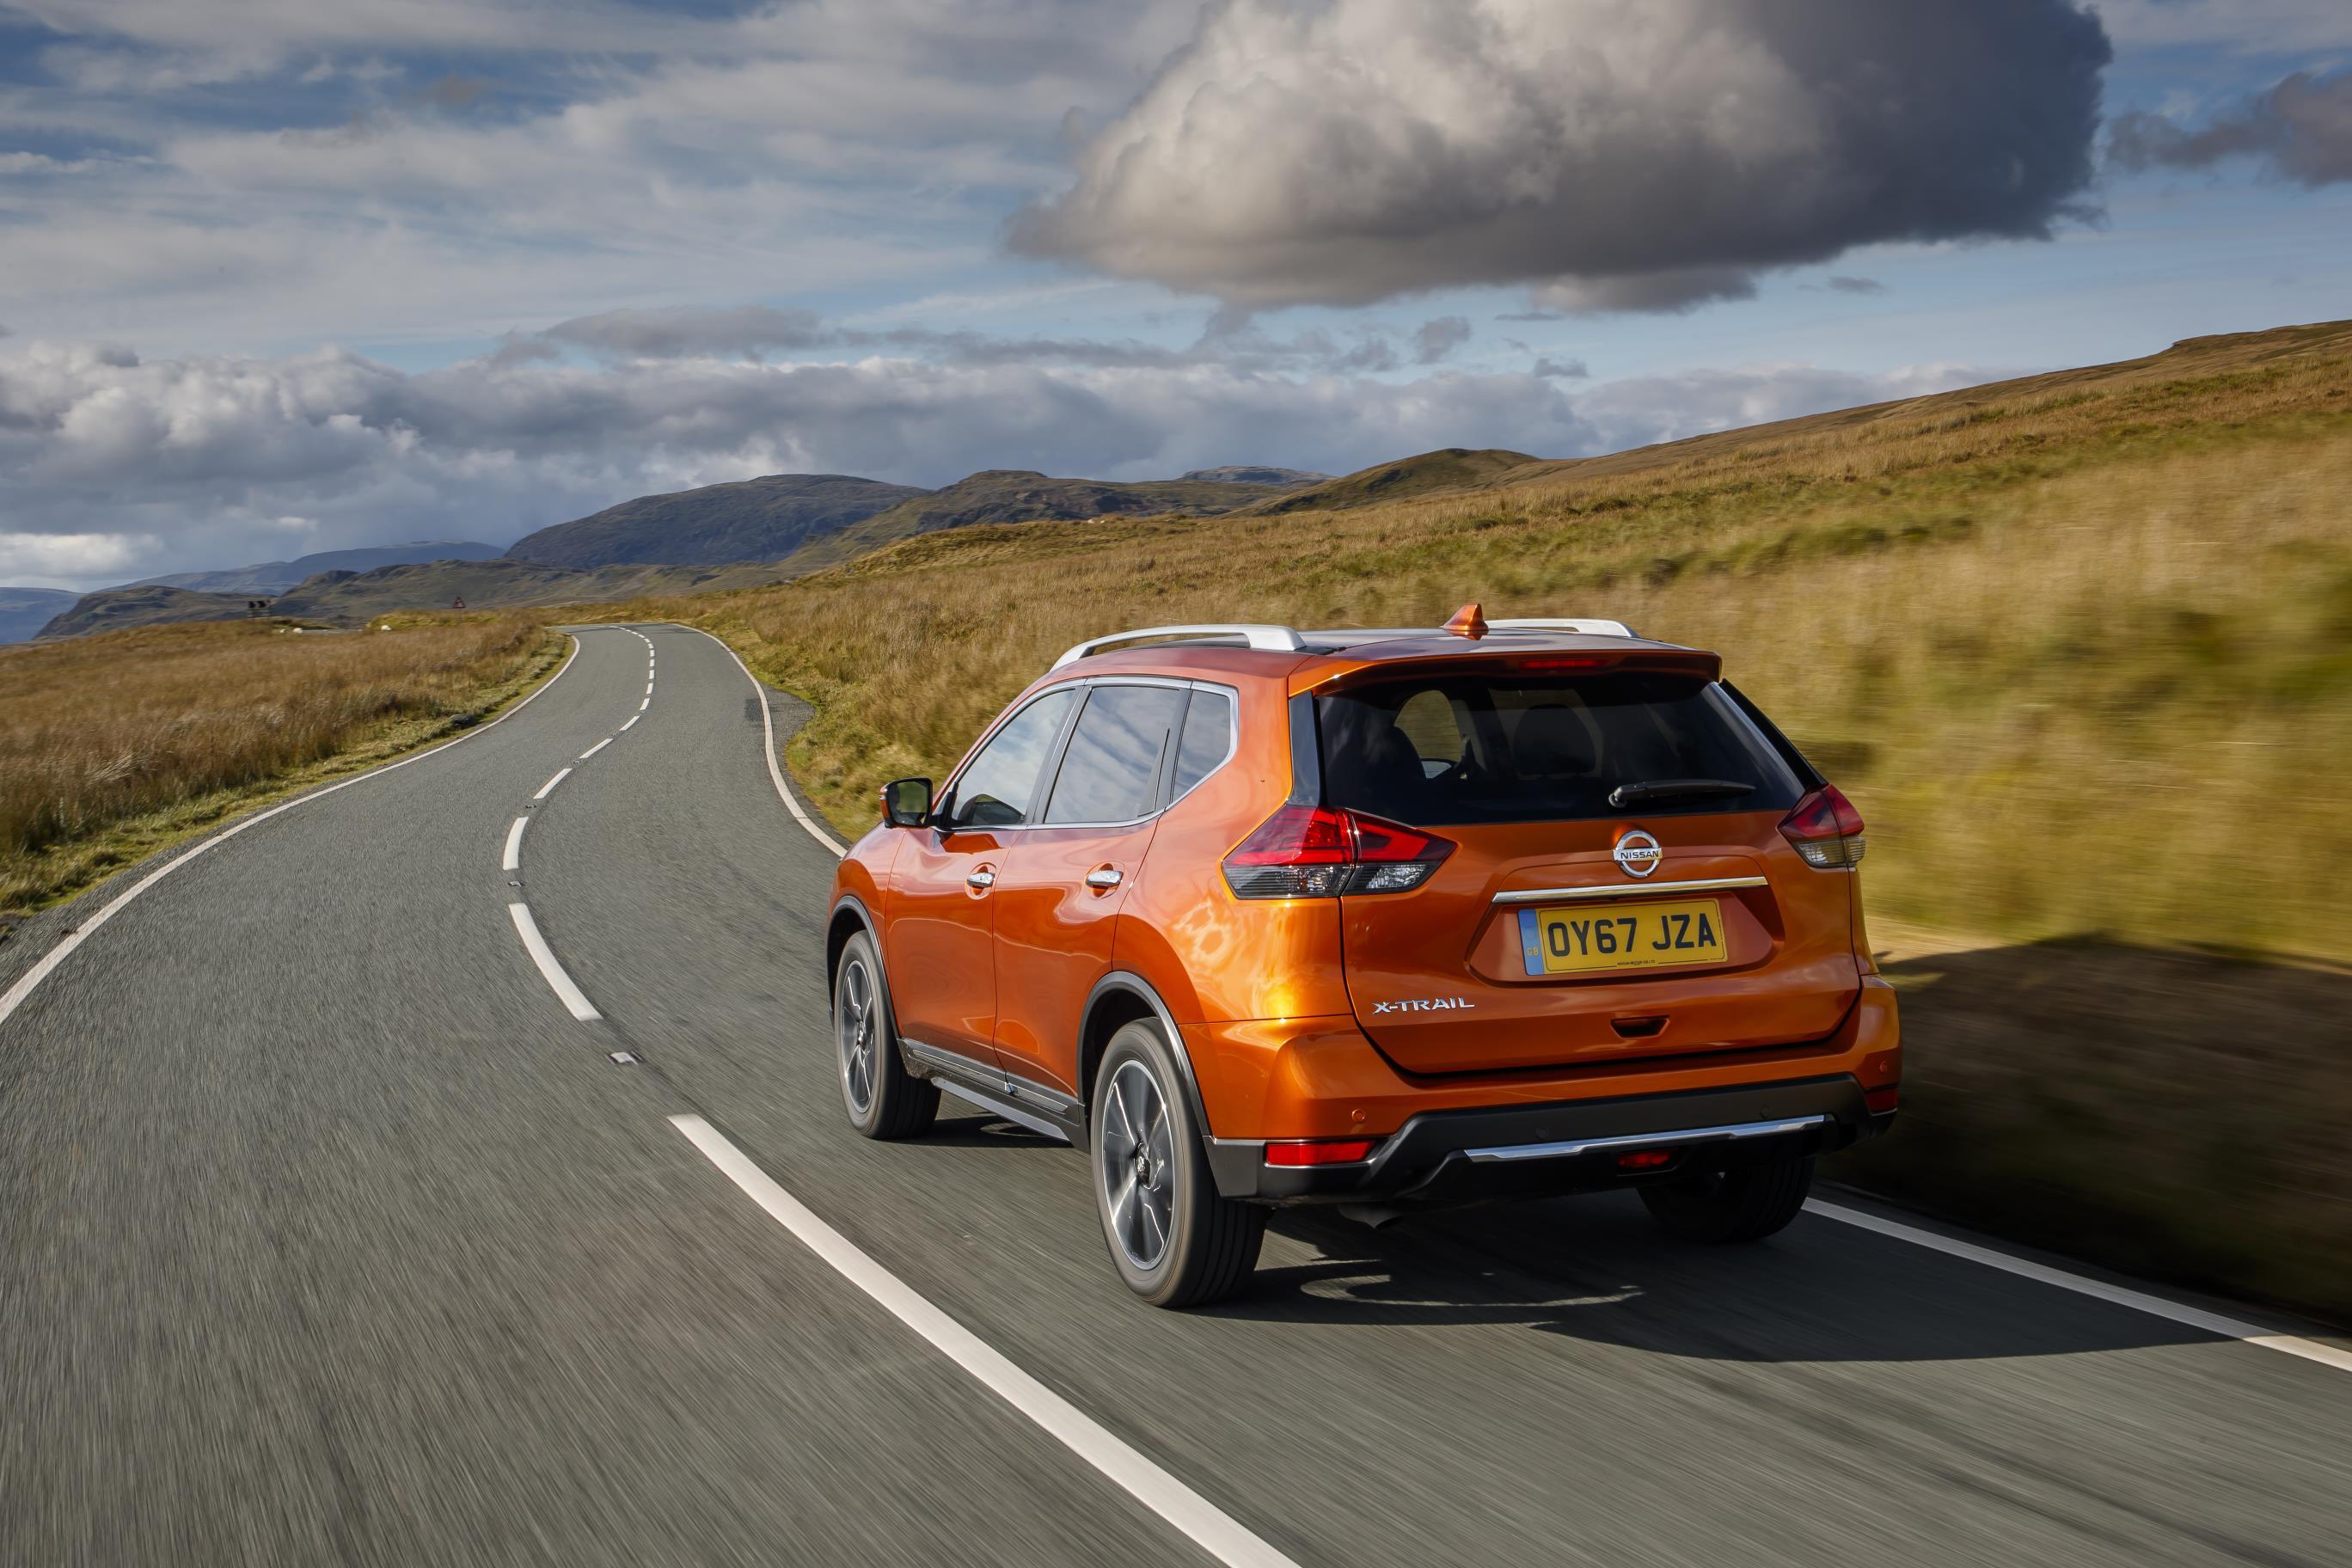 Nissan X Trail orange rear view